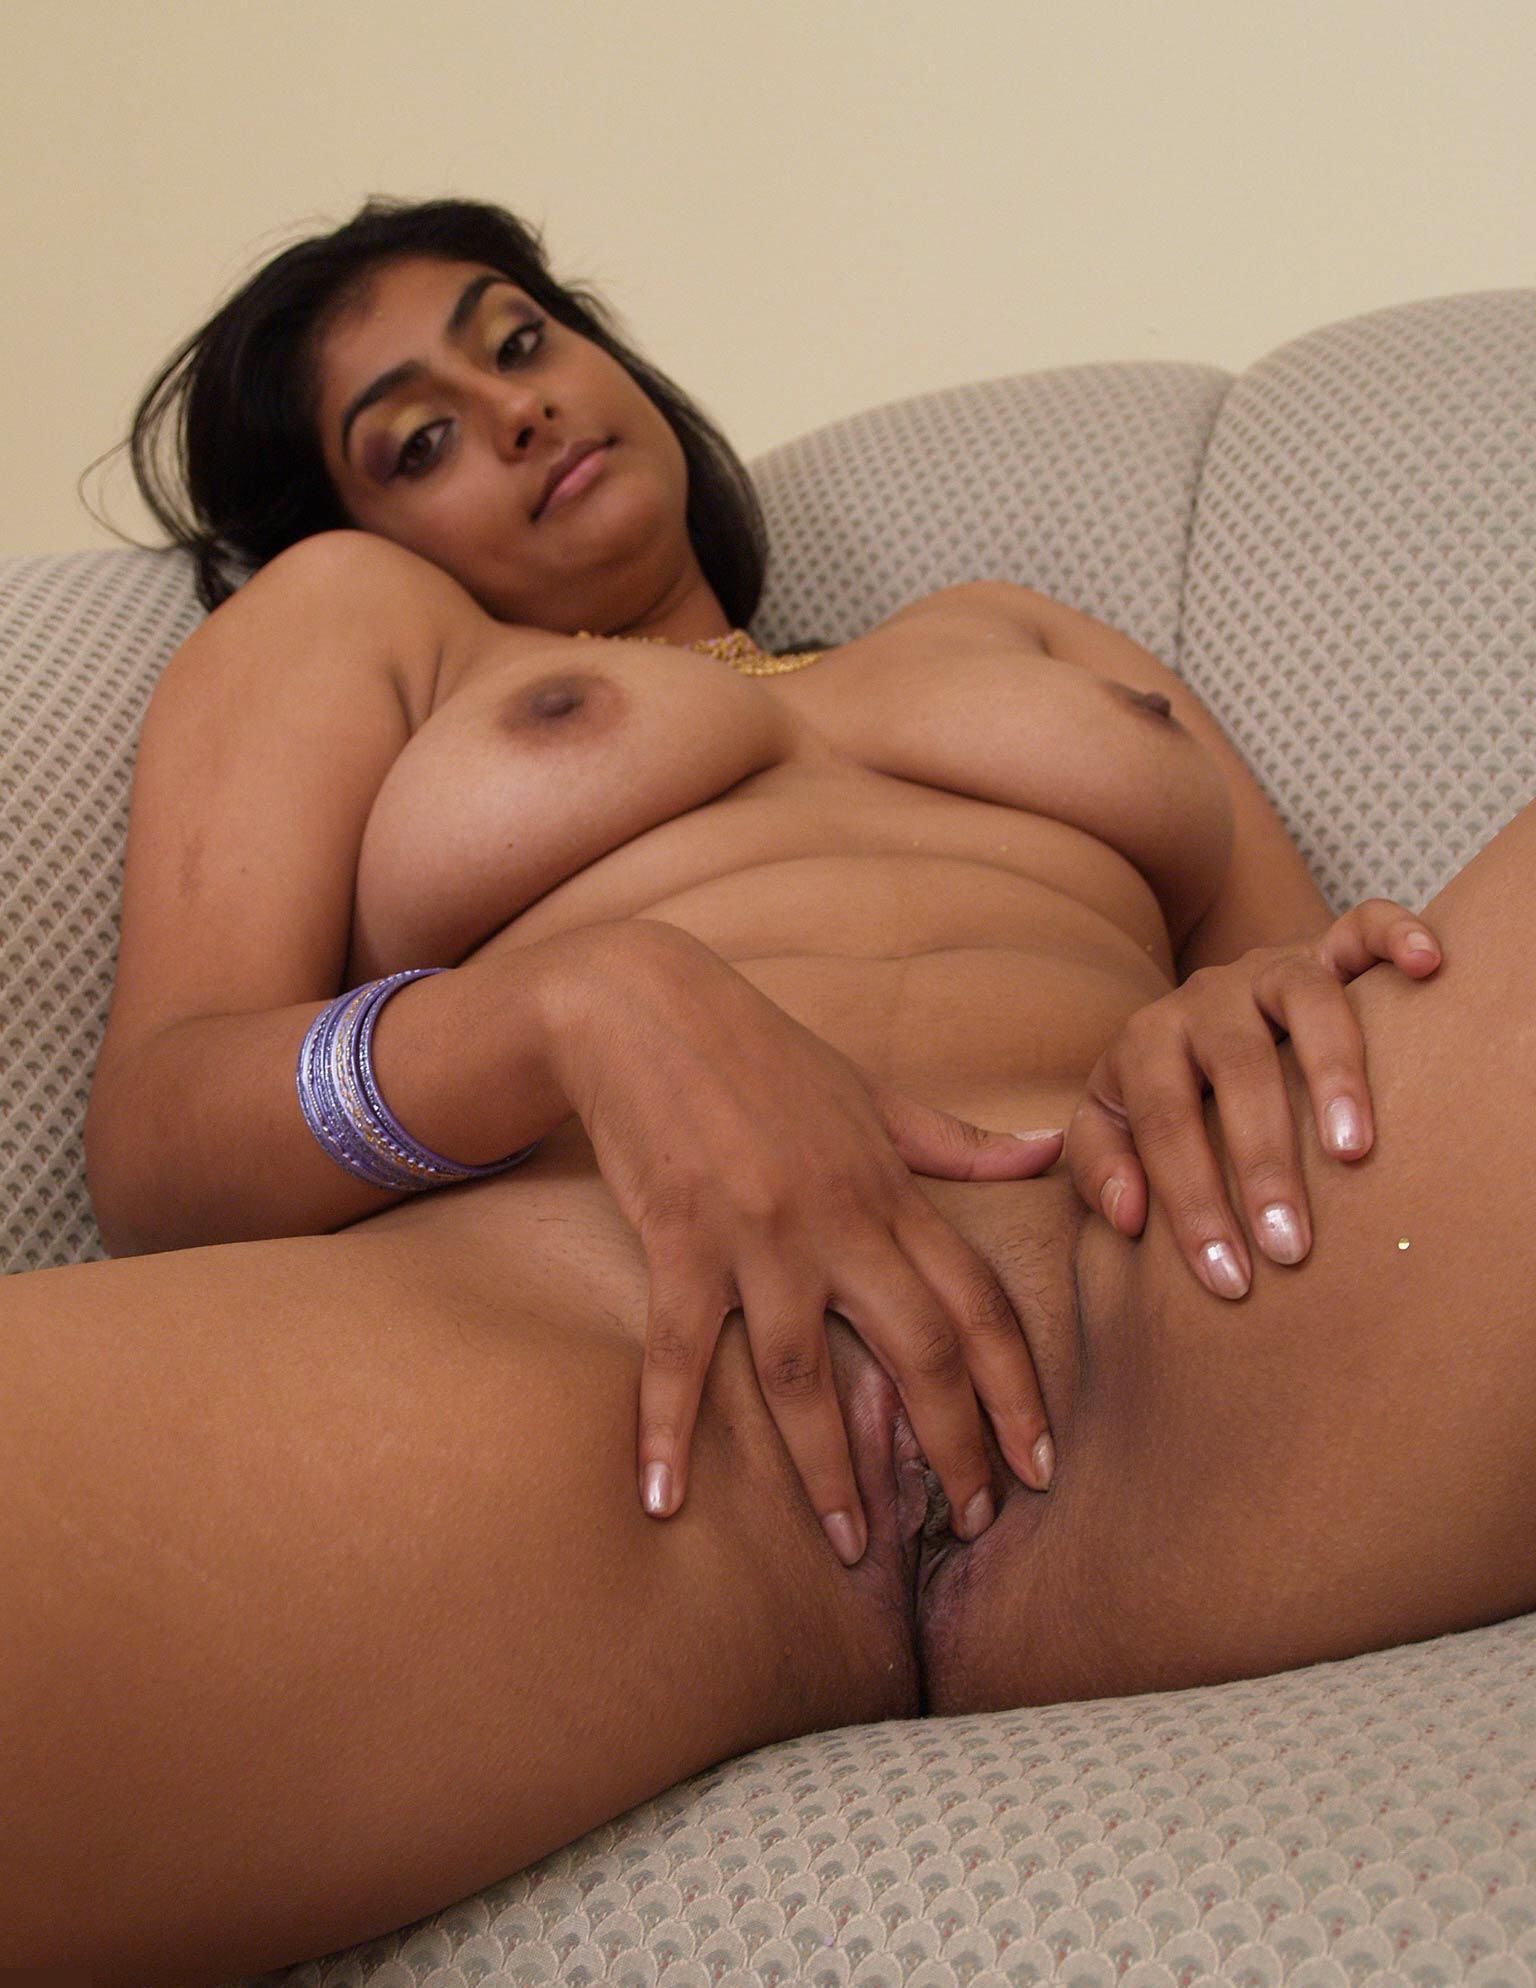 Actress xxx asin nude photos boobs sex naked image my desi boobs